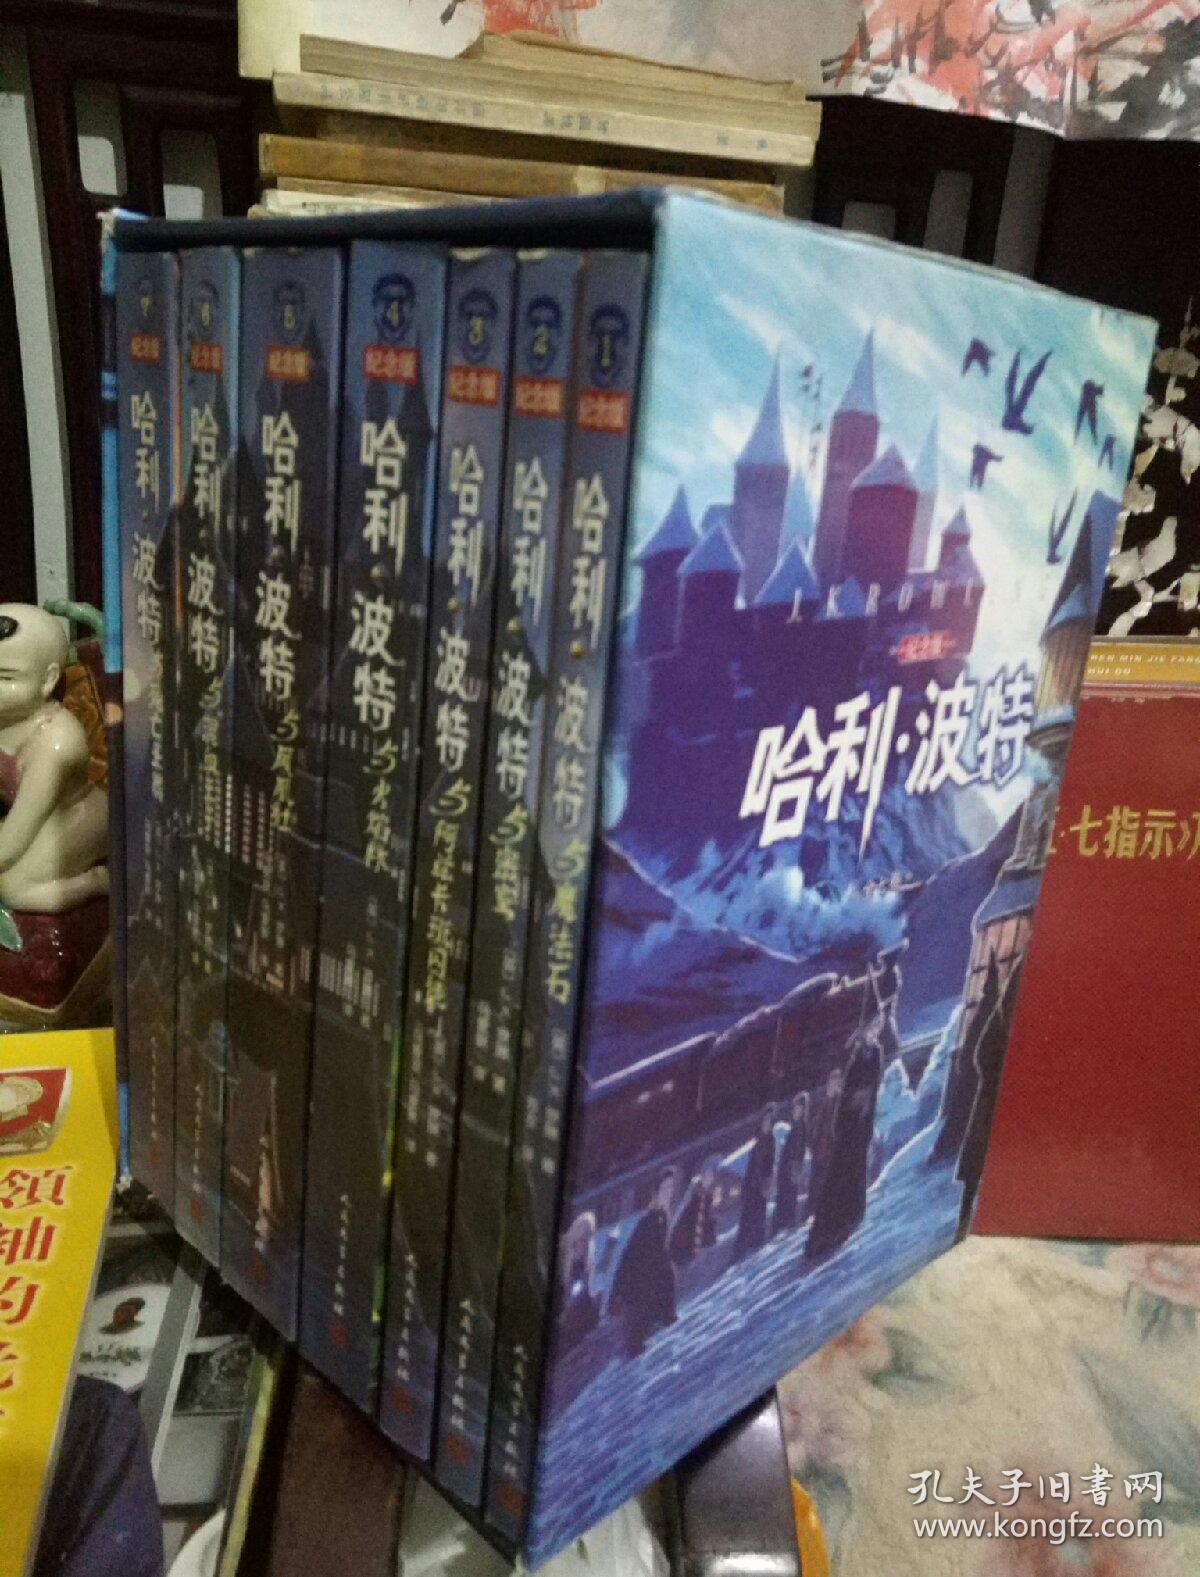 《哈利波特-纪念版》盒套装7卷全   初版初印  现货正版.好品